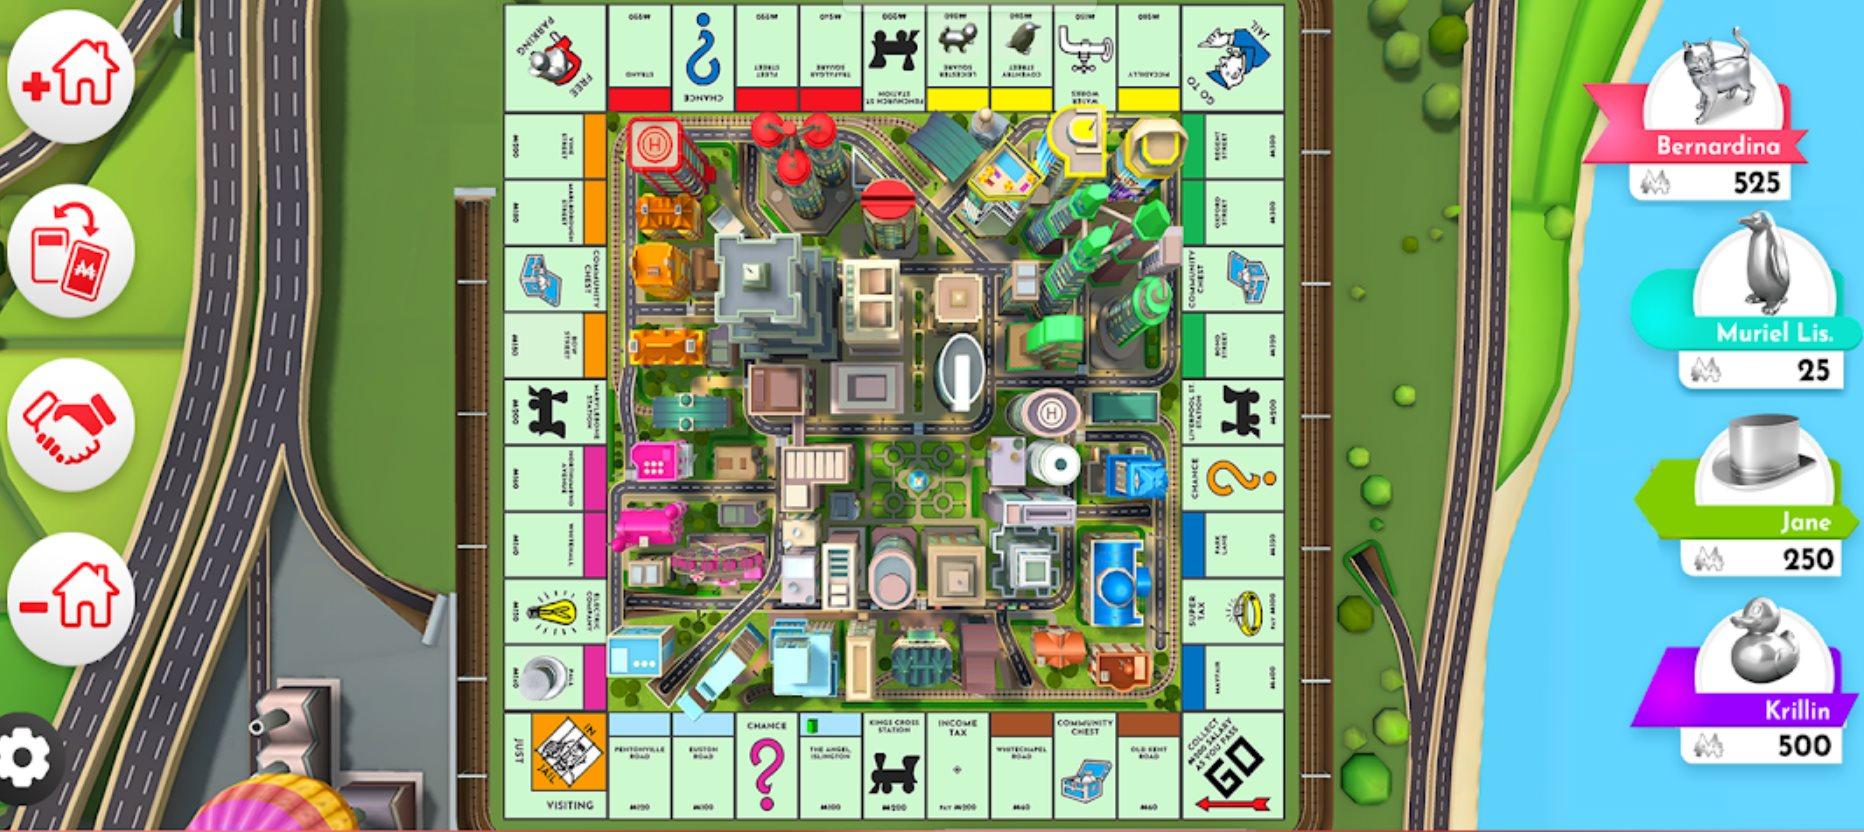 Llega un nuevo Monopoly para Android